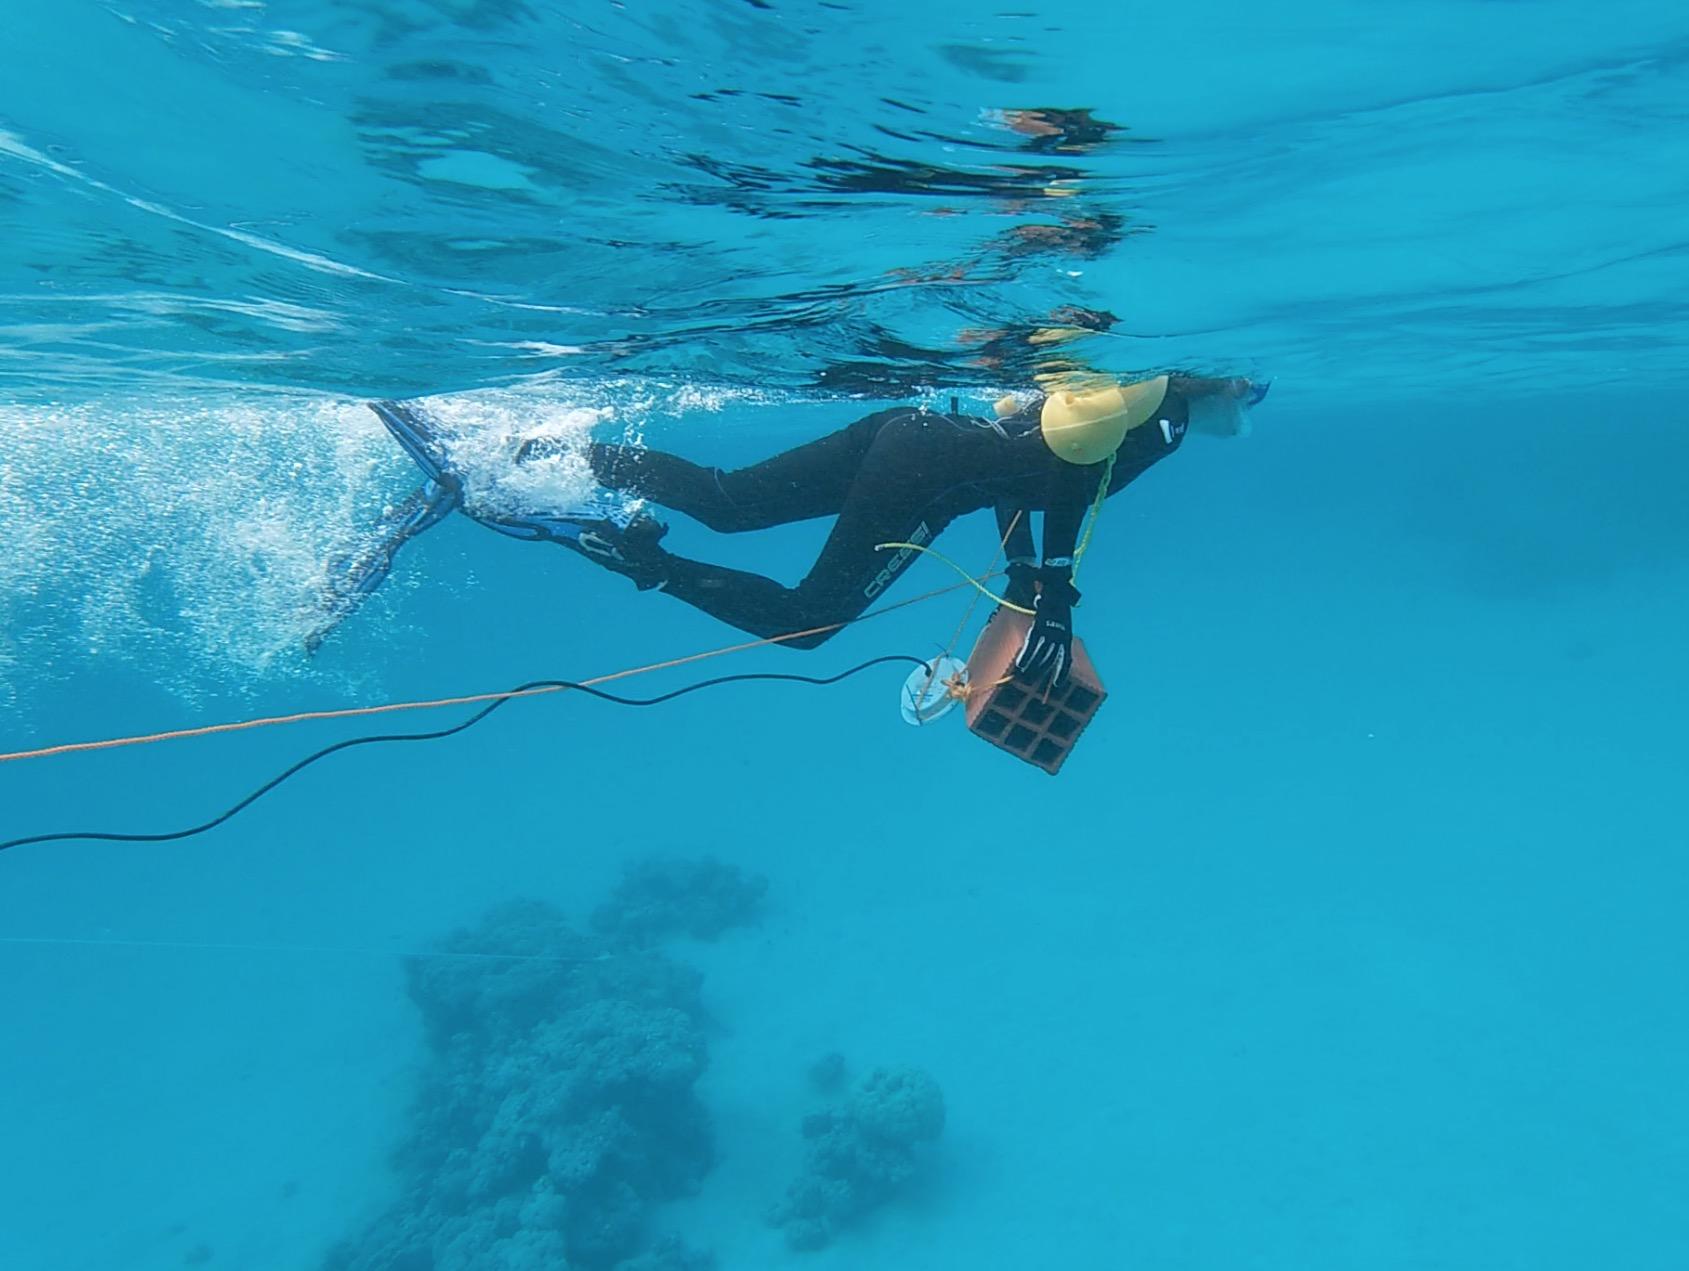 Trabajo de campo con un altavoz acuático en el Mar Rojo. Imagen: Michelle Havlik / CSIC